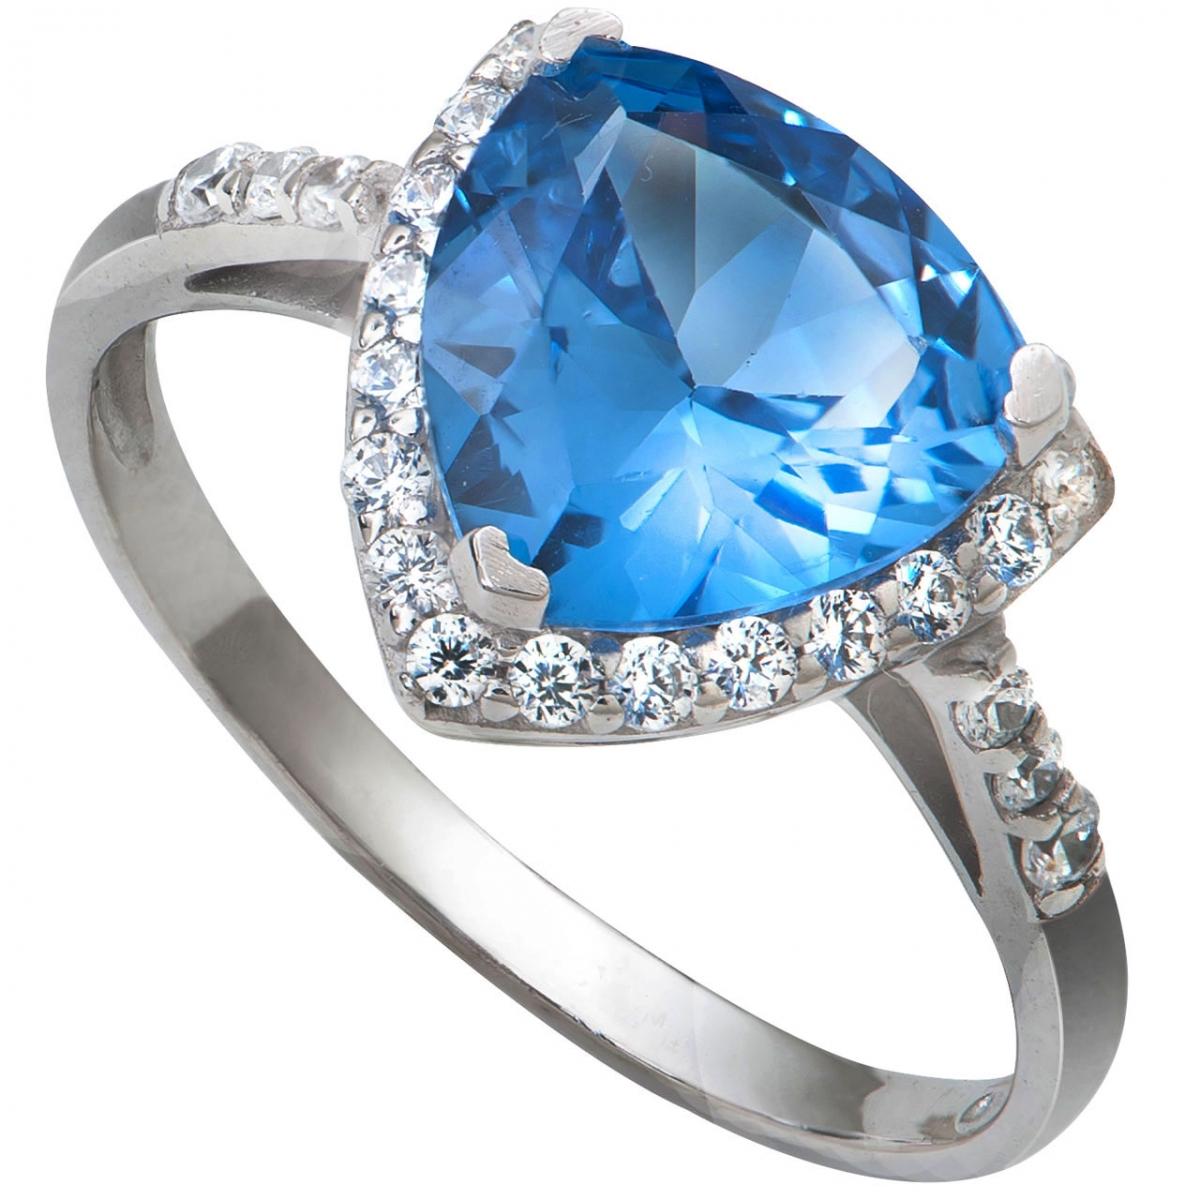 Nhẫn bạc PNJSilver đính đá màu xanh 10595.400 - 3818671 , SND2KN10595_400 , 274_SND2KN10595_400_0 , 545000 , Nhan-bac-PNJSilver-dinh-da-mau-xanh-10595.400-274_SND2KN10595_400_0 , pnj.com.vn , Nhẫn bạc PNJSilver đính đá màu xanh 10595.400